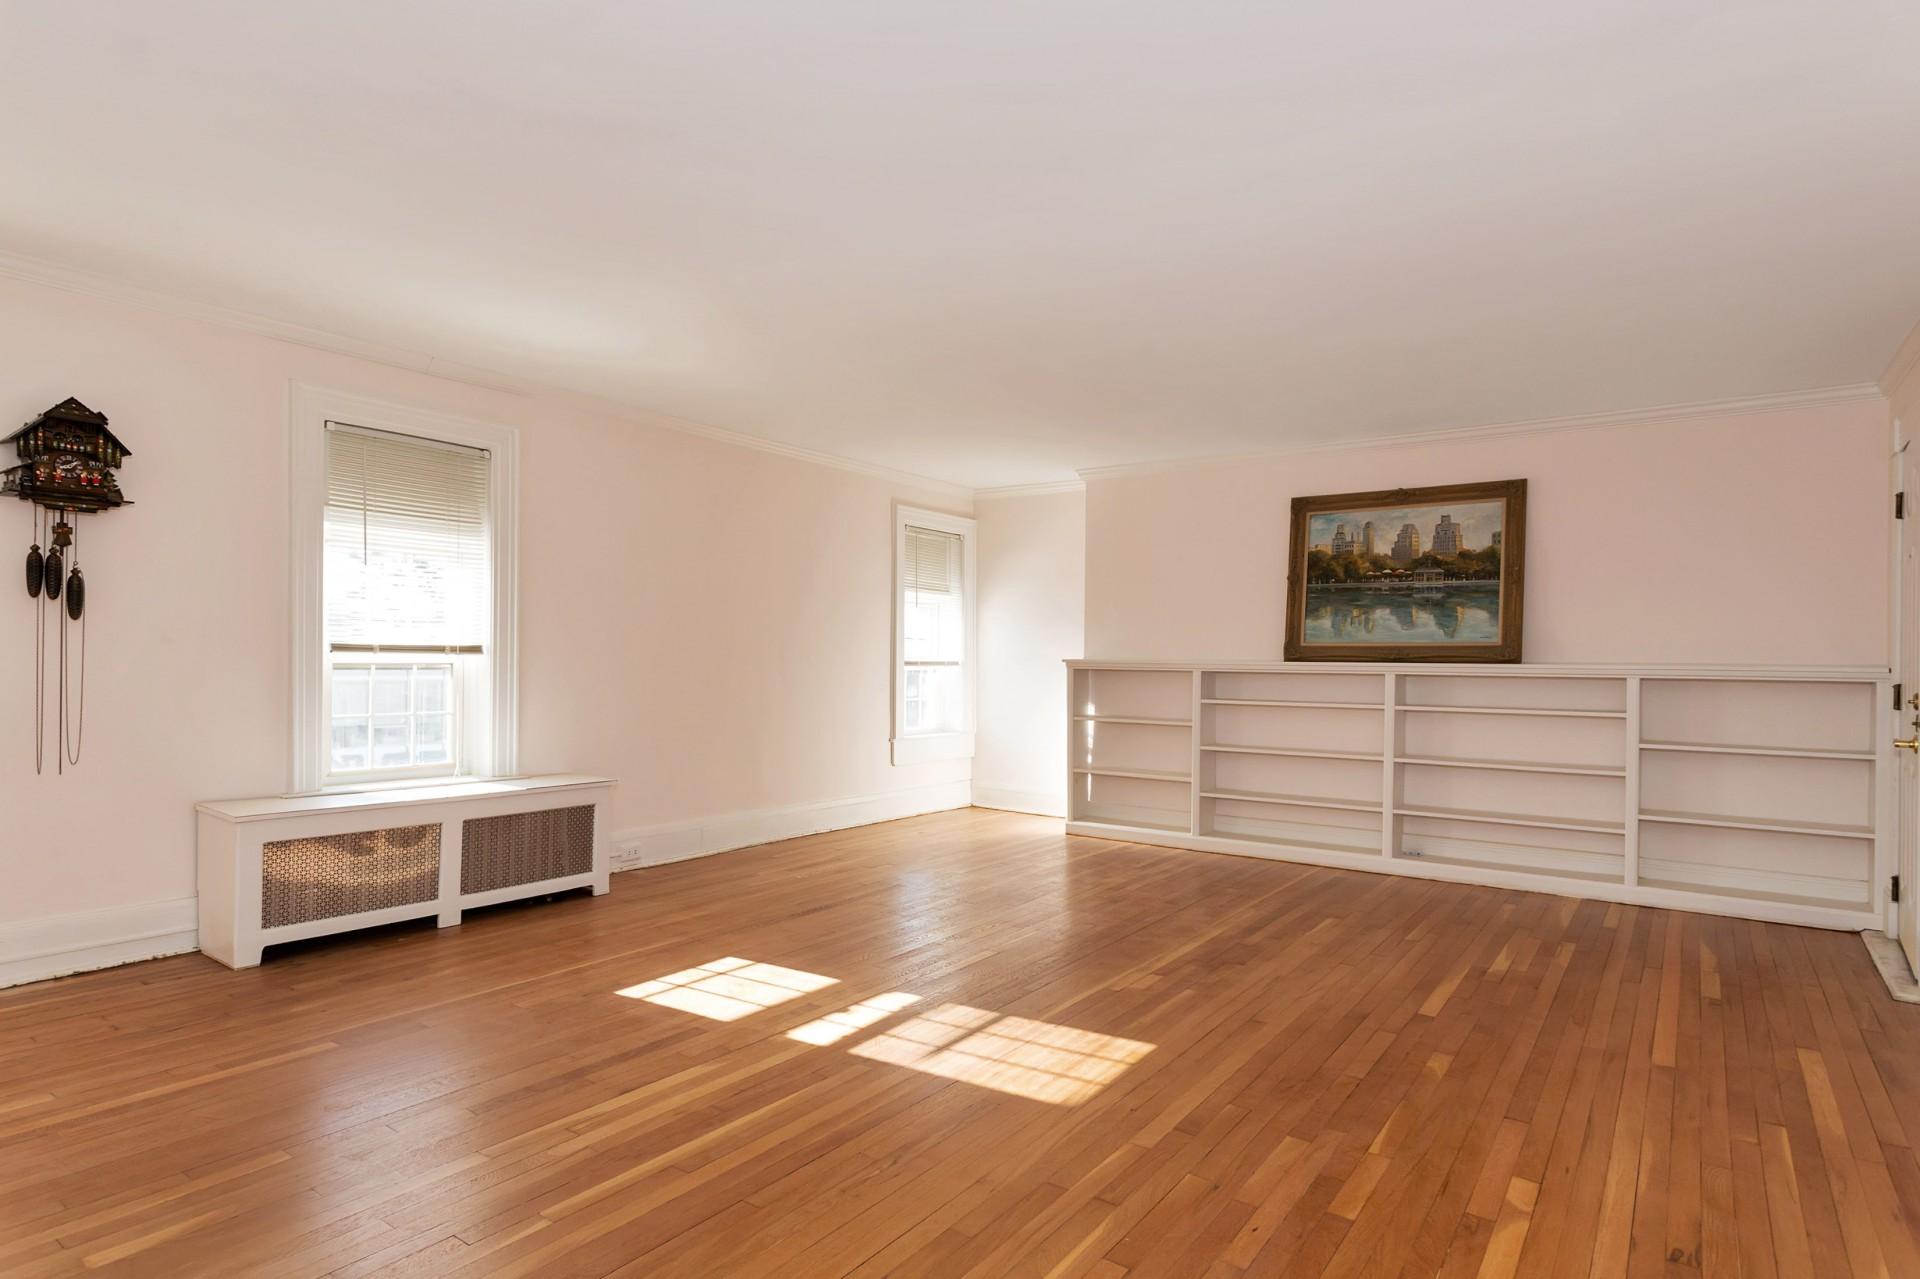 Wohnung für Verkauf beim Co-Op 105 Seventh St 3 6 Garden City, New York, 11530 Vereinigte Staaten